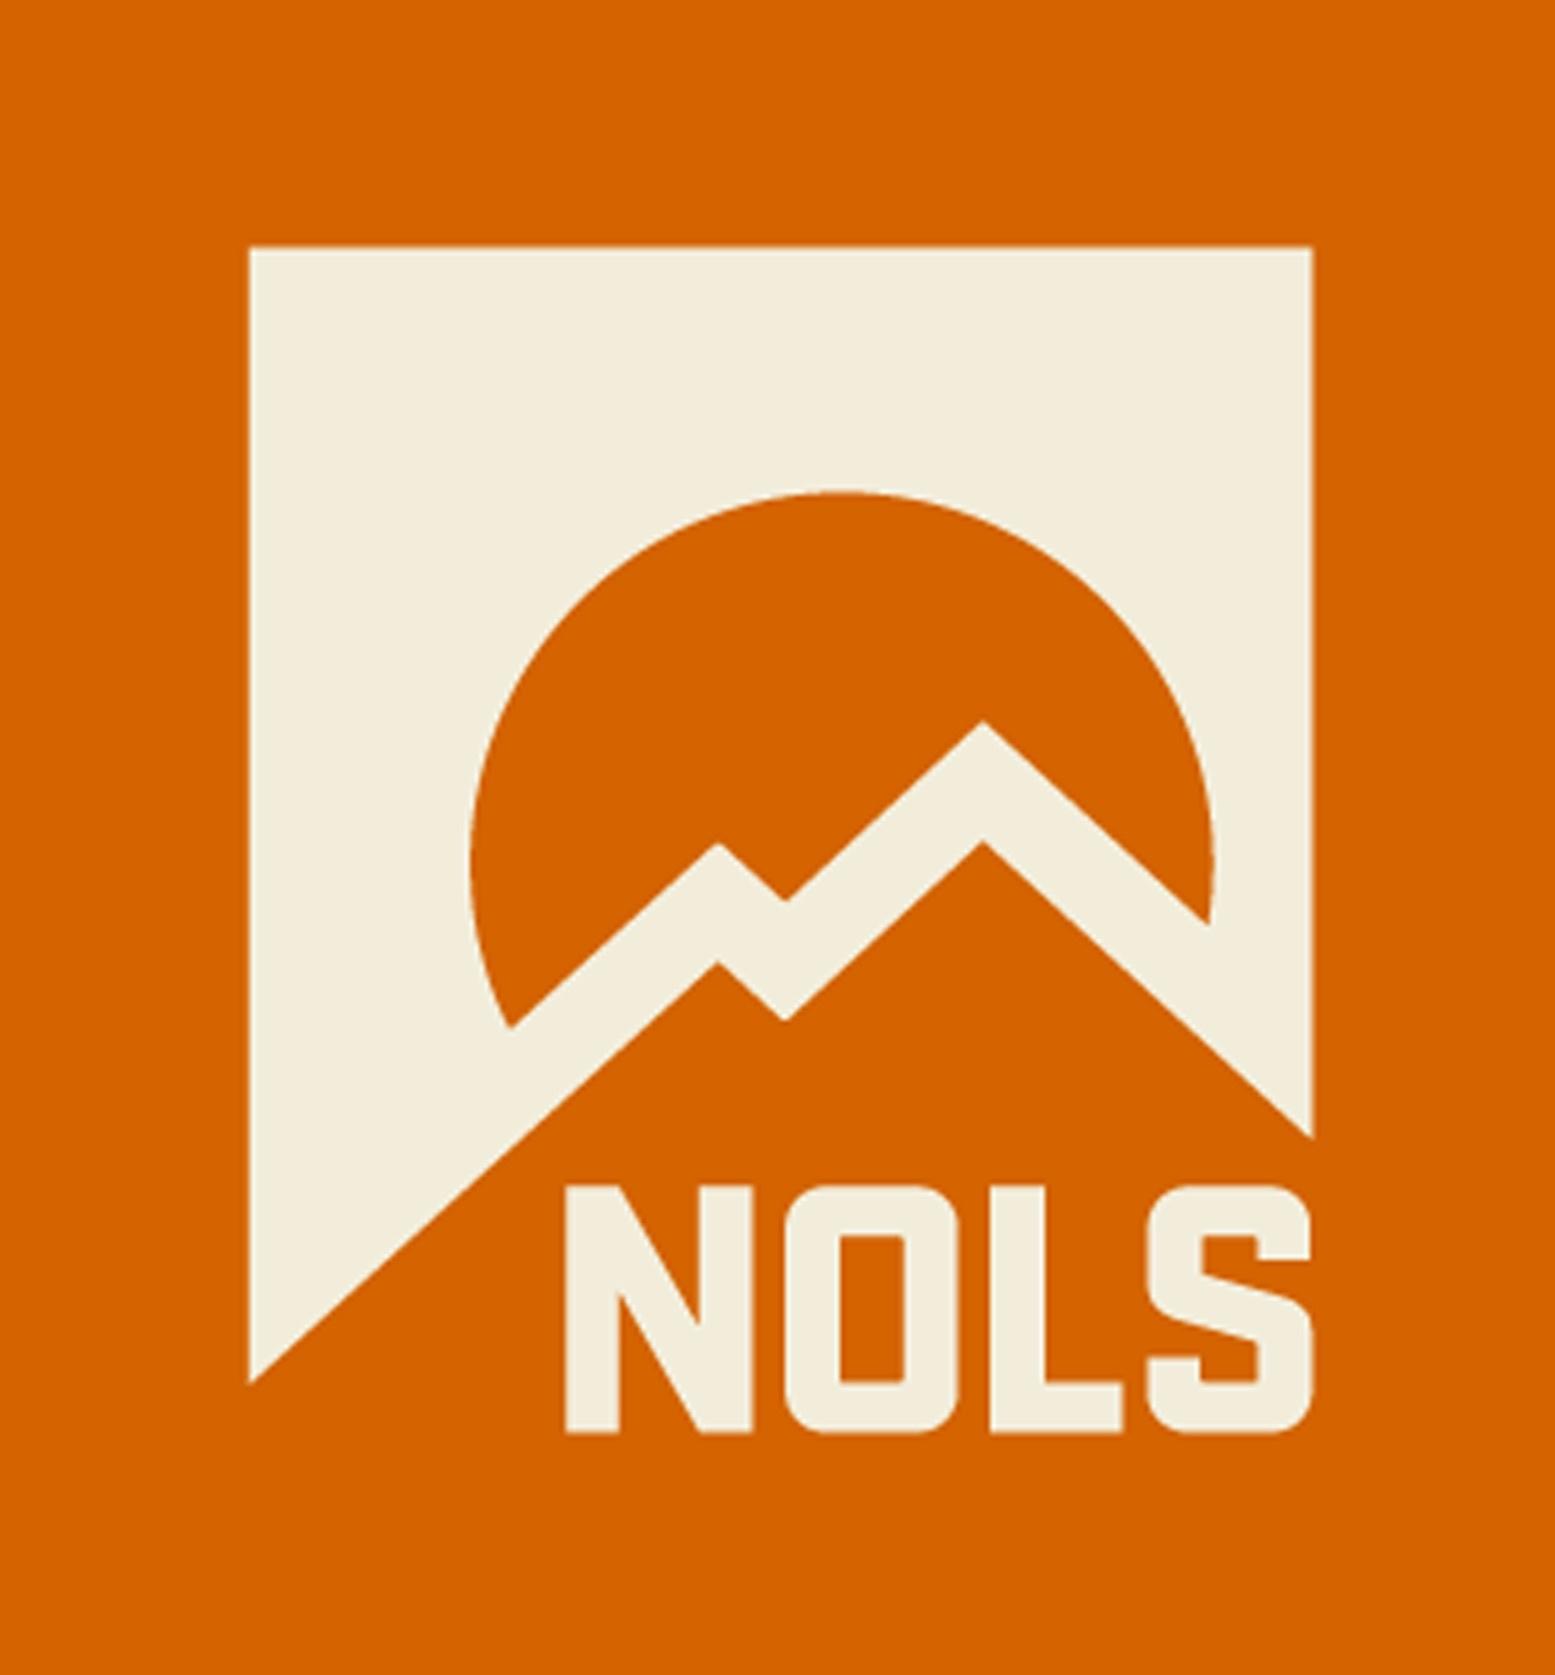 NOLS.jpg